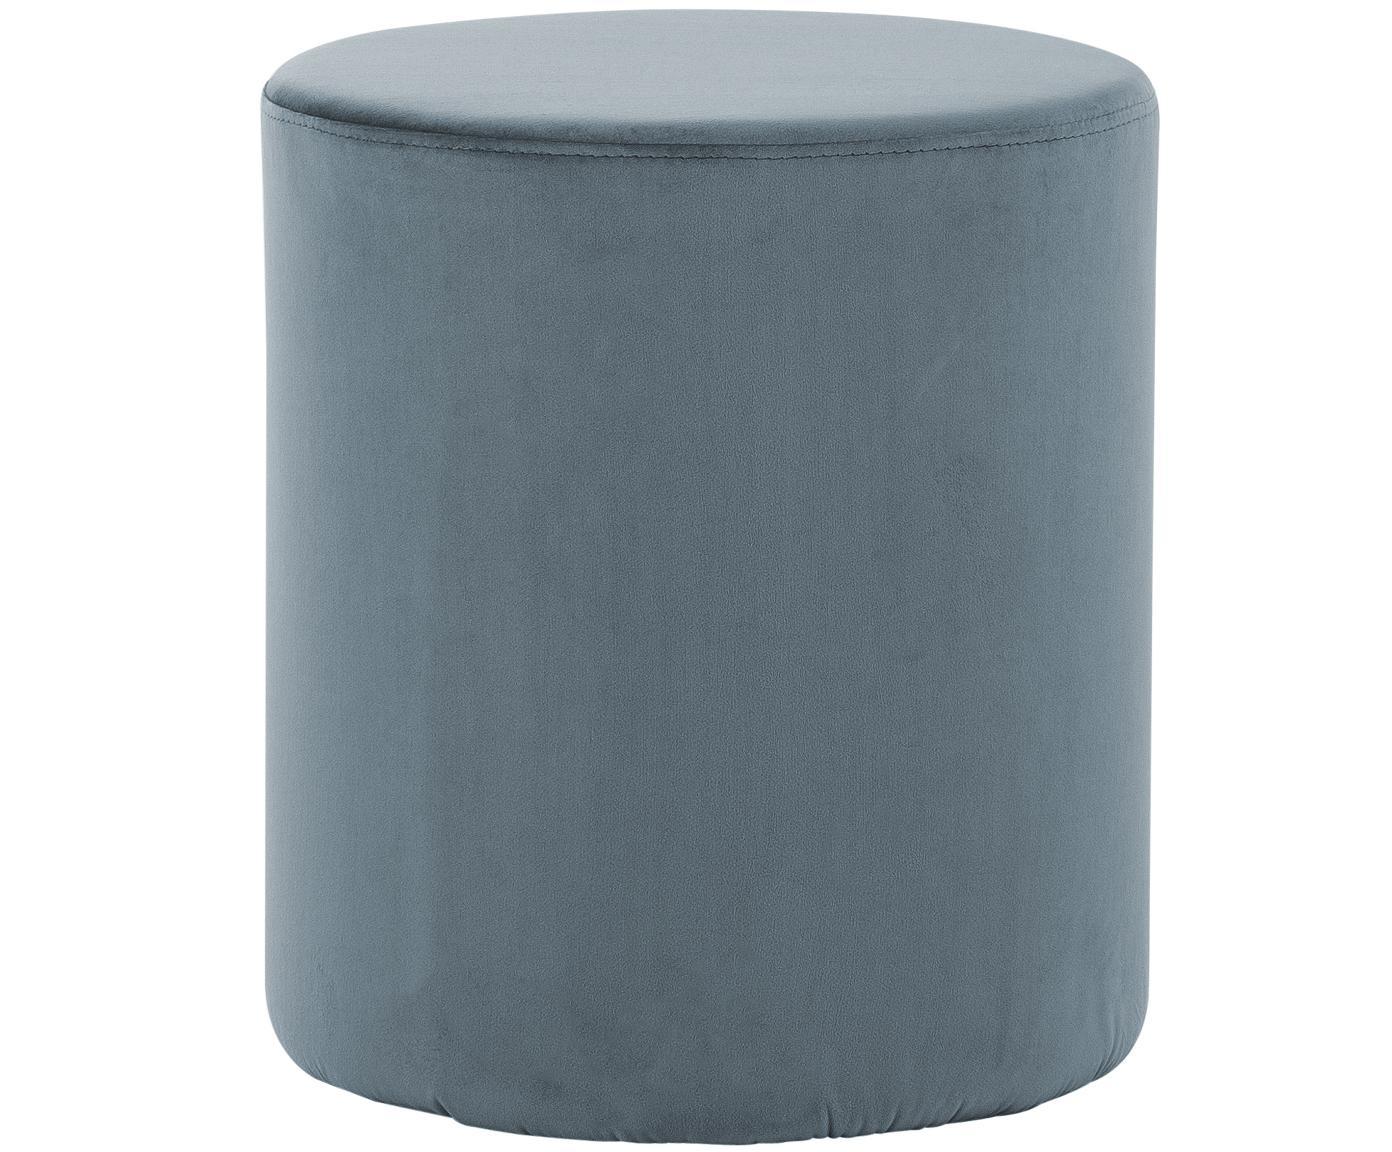 Samt-Hocker Daisy, Bezug: Samt (Polyester) 15.000 S, Rahmen: Mitteldichte Holzfaserpla, Graublau, Ø 38 x H 46 cm